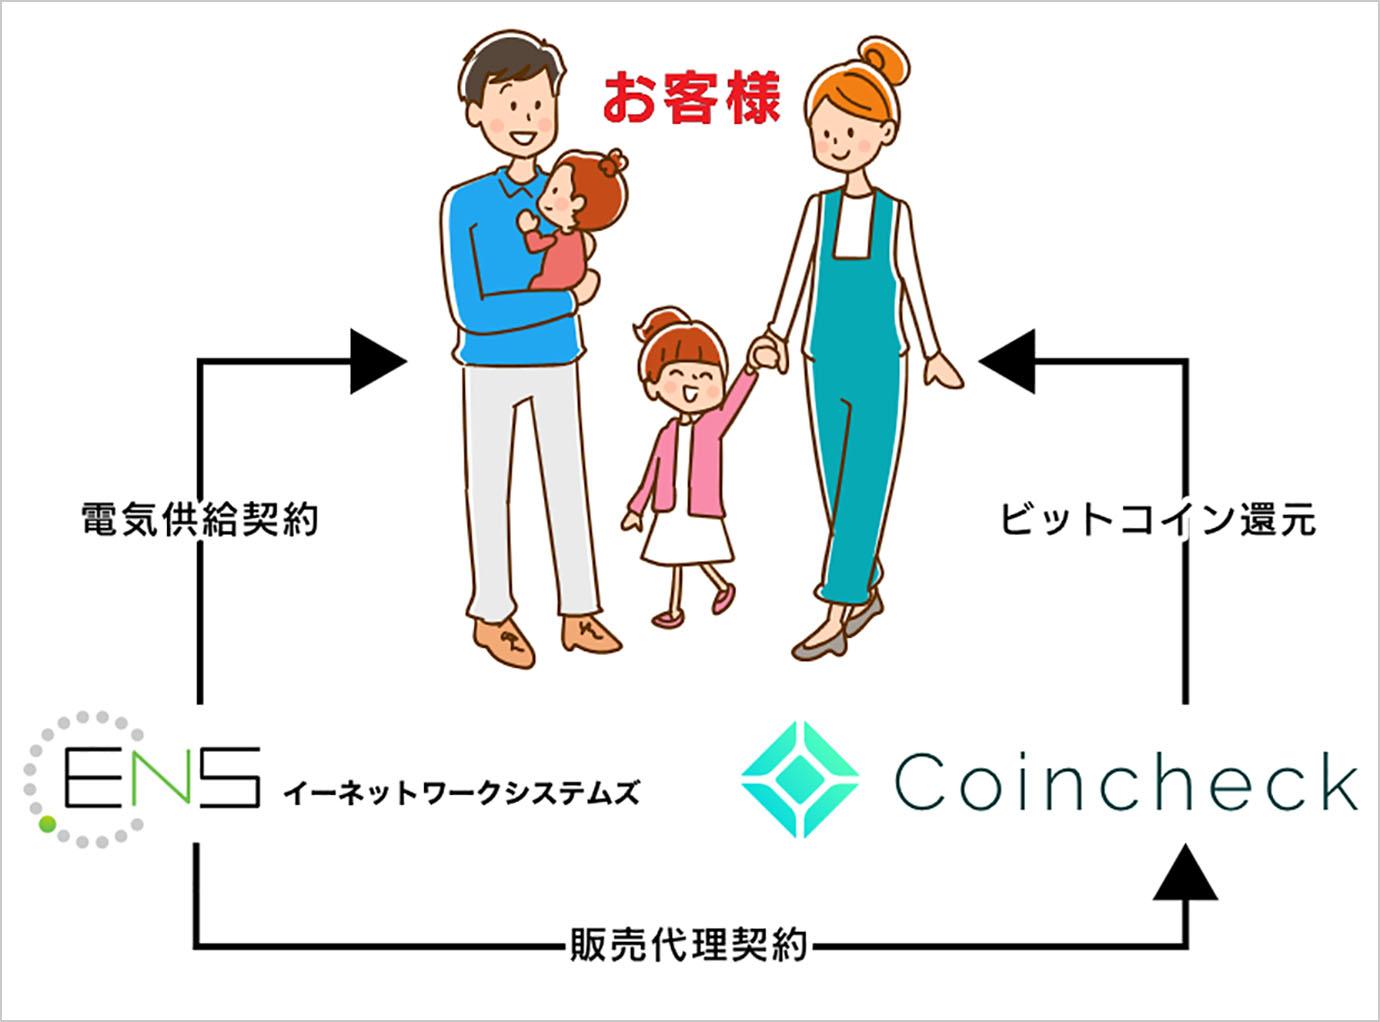 coincheck-denki